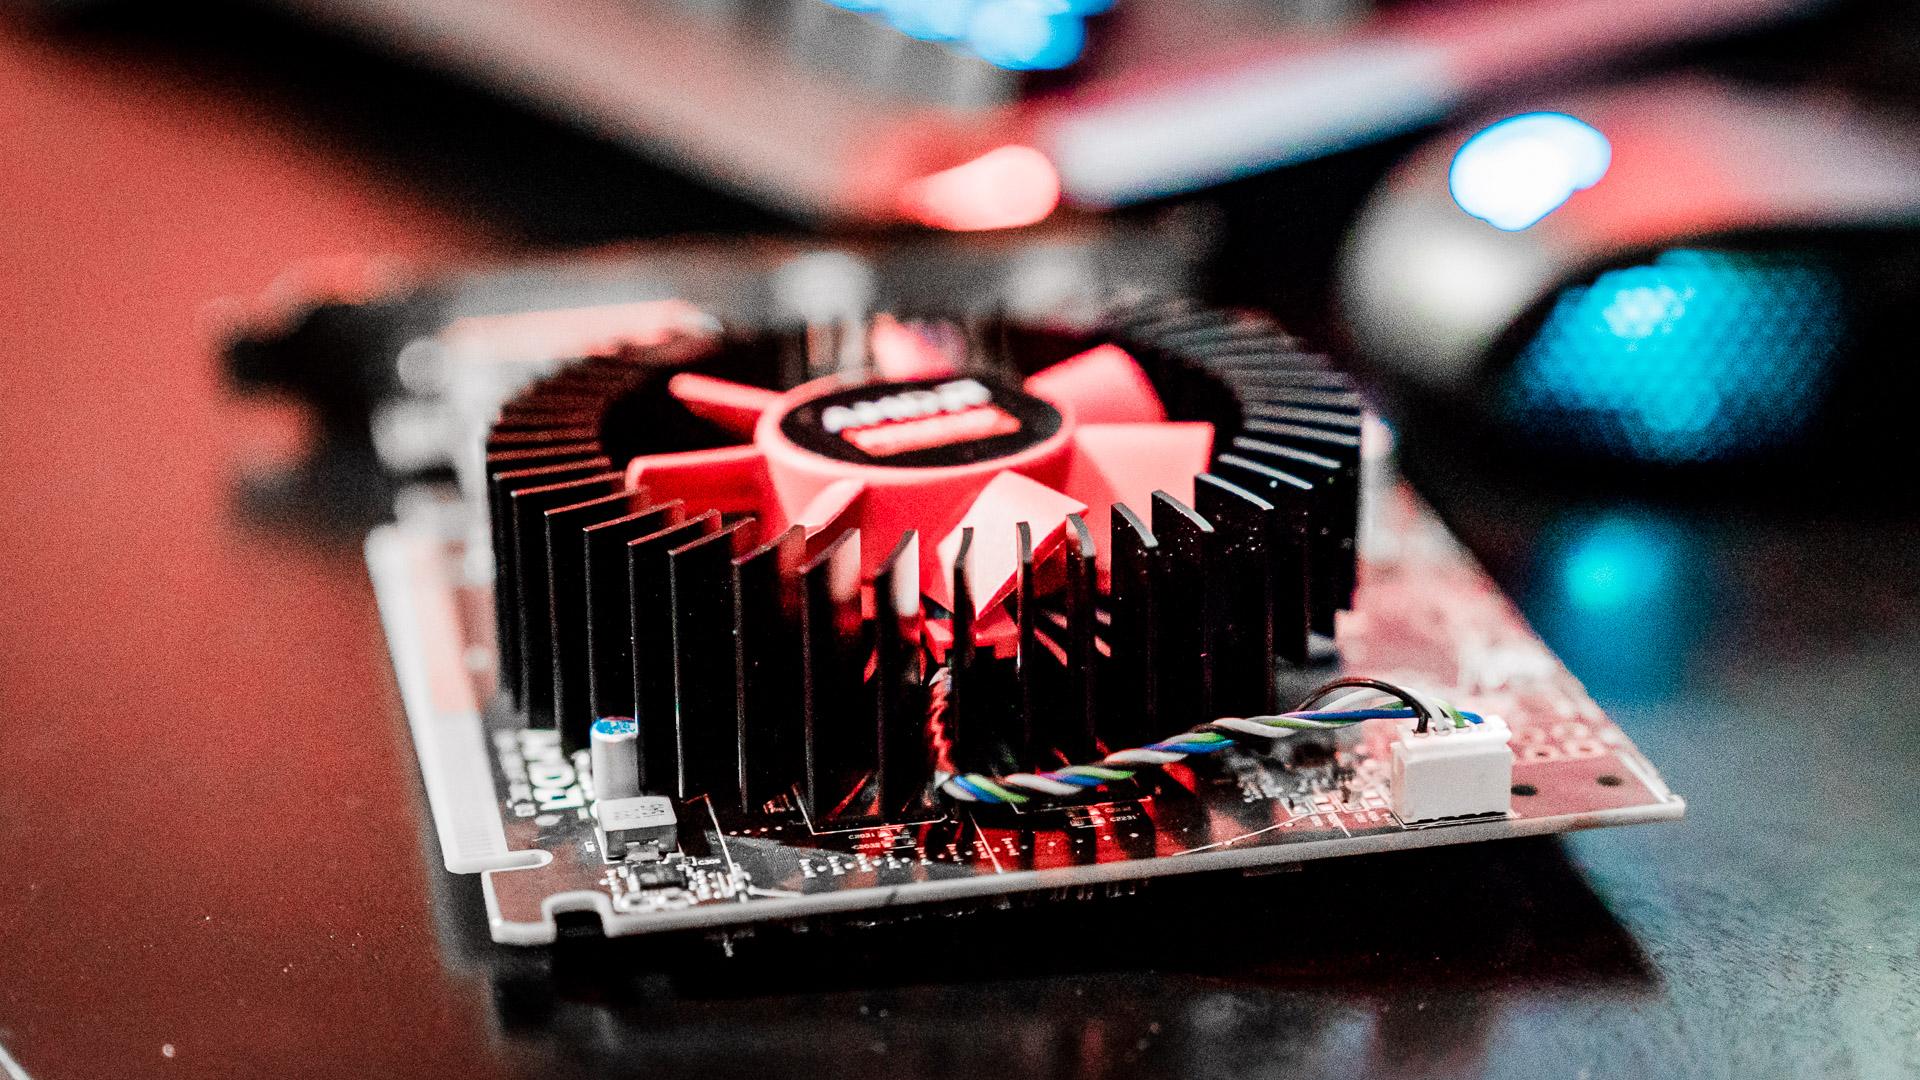 Radeon RX 460: Công nghệ Đột phá dành cho mọi Game thủ eSports trên khắp thế giới